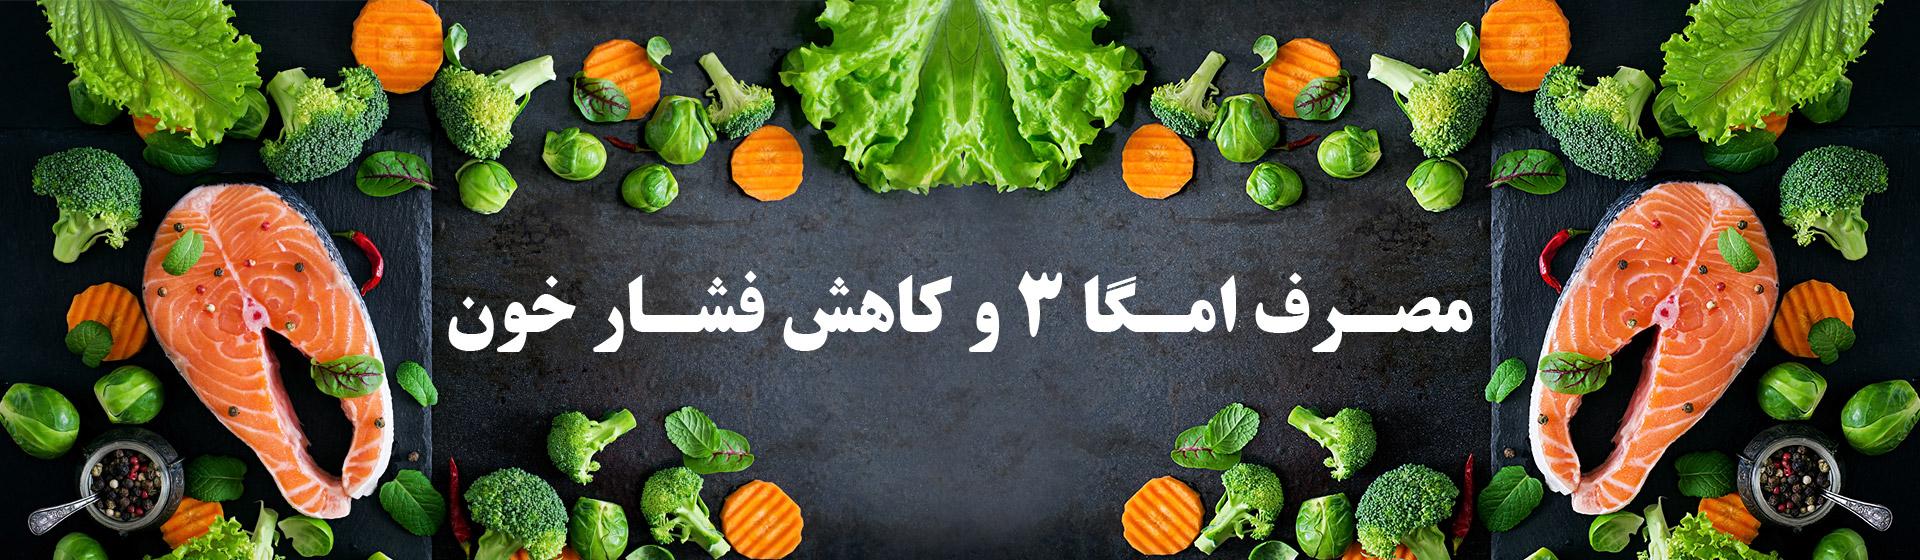 omega3-kahesh-feshre-khoon-19-12-98-2